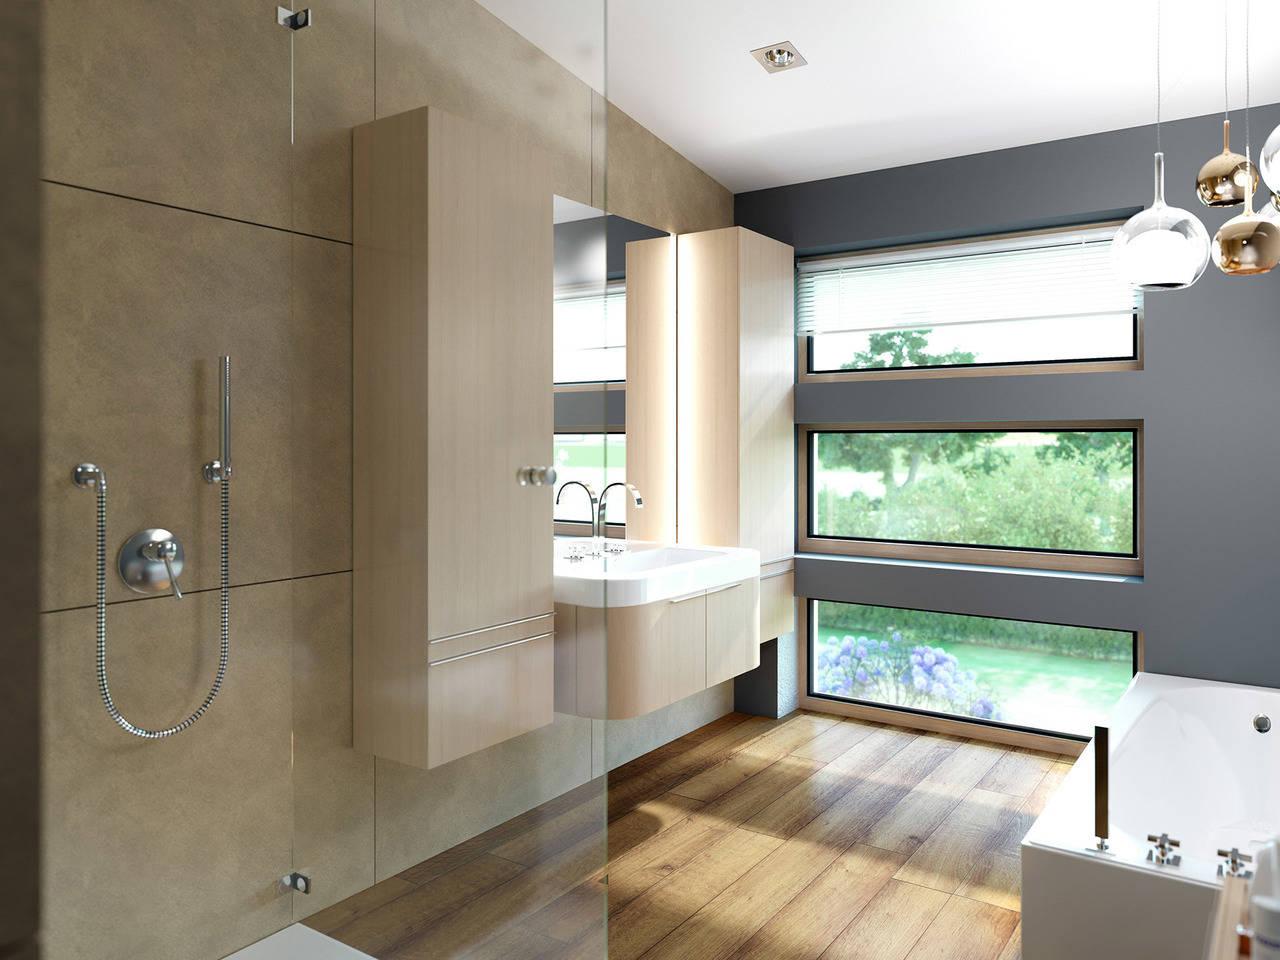 Haus SOLUTION 204 V8 Badezimmer von Living Haus